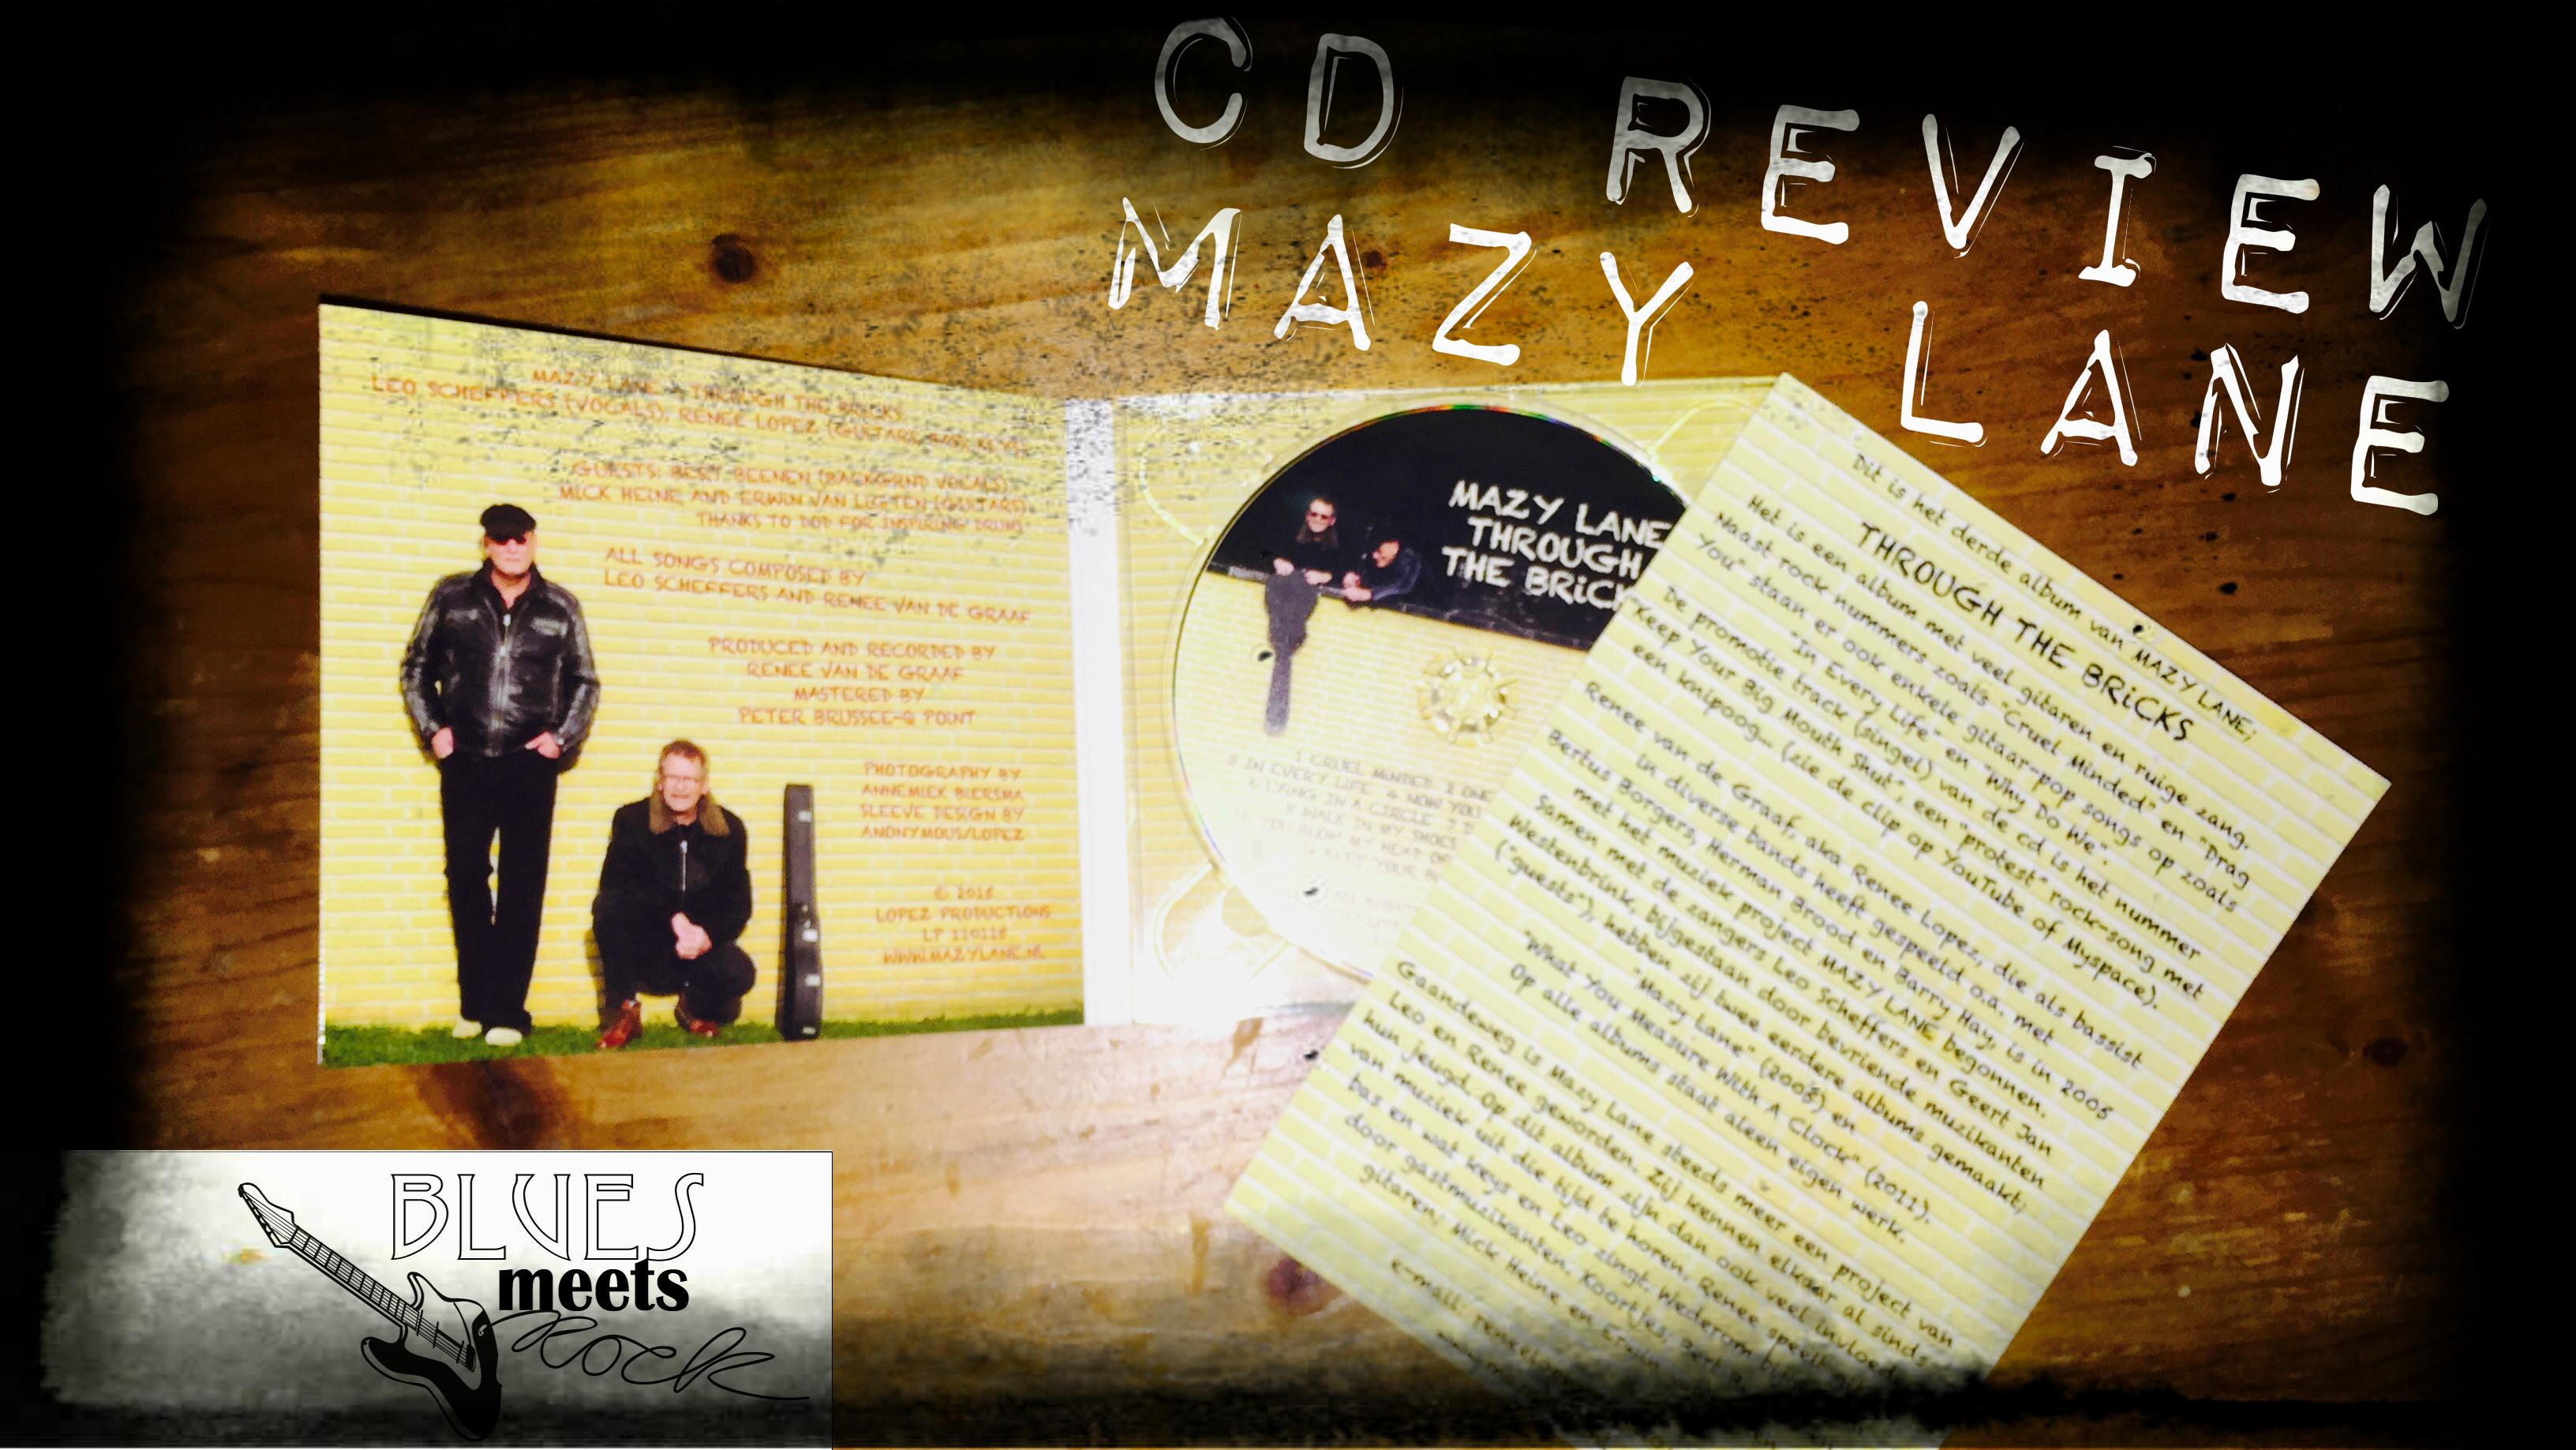 Avis Sur Le Site Home24 blues meets rock » cd review | mazy lane – through the bricks